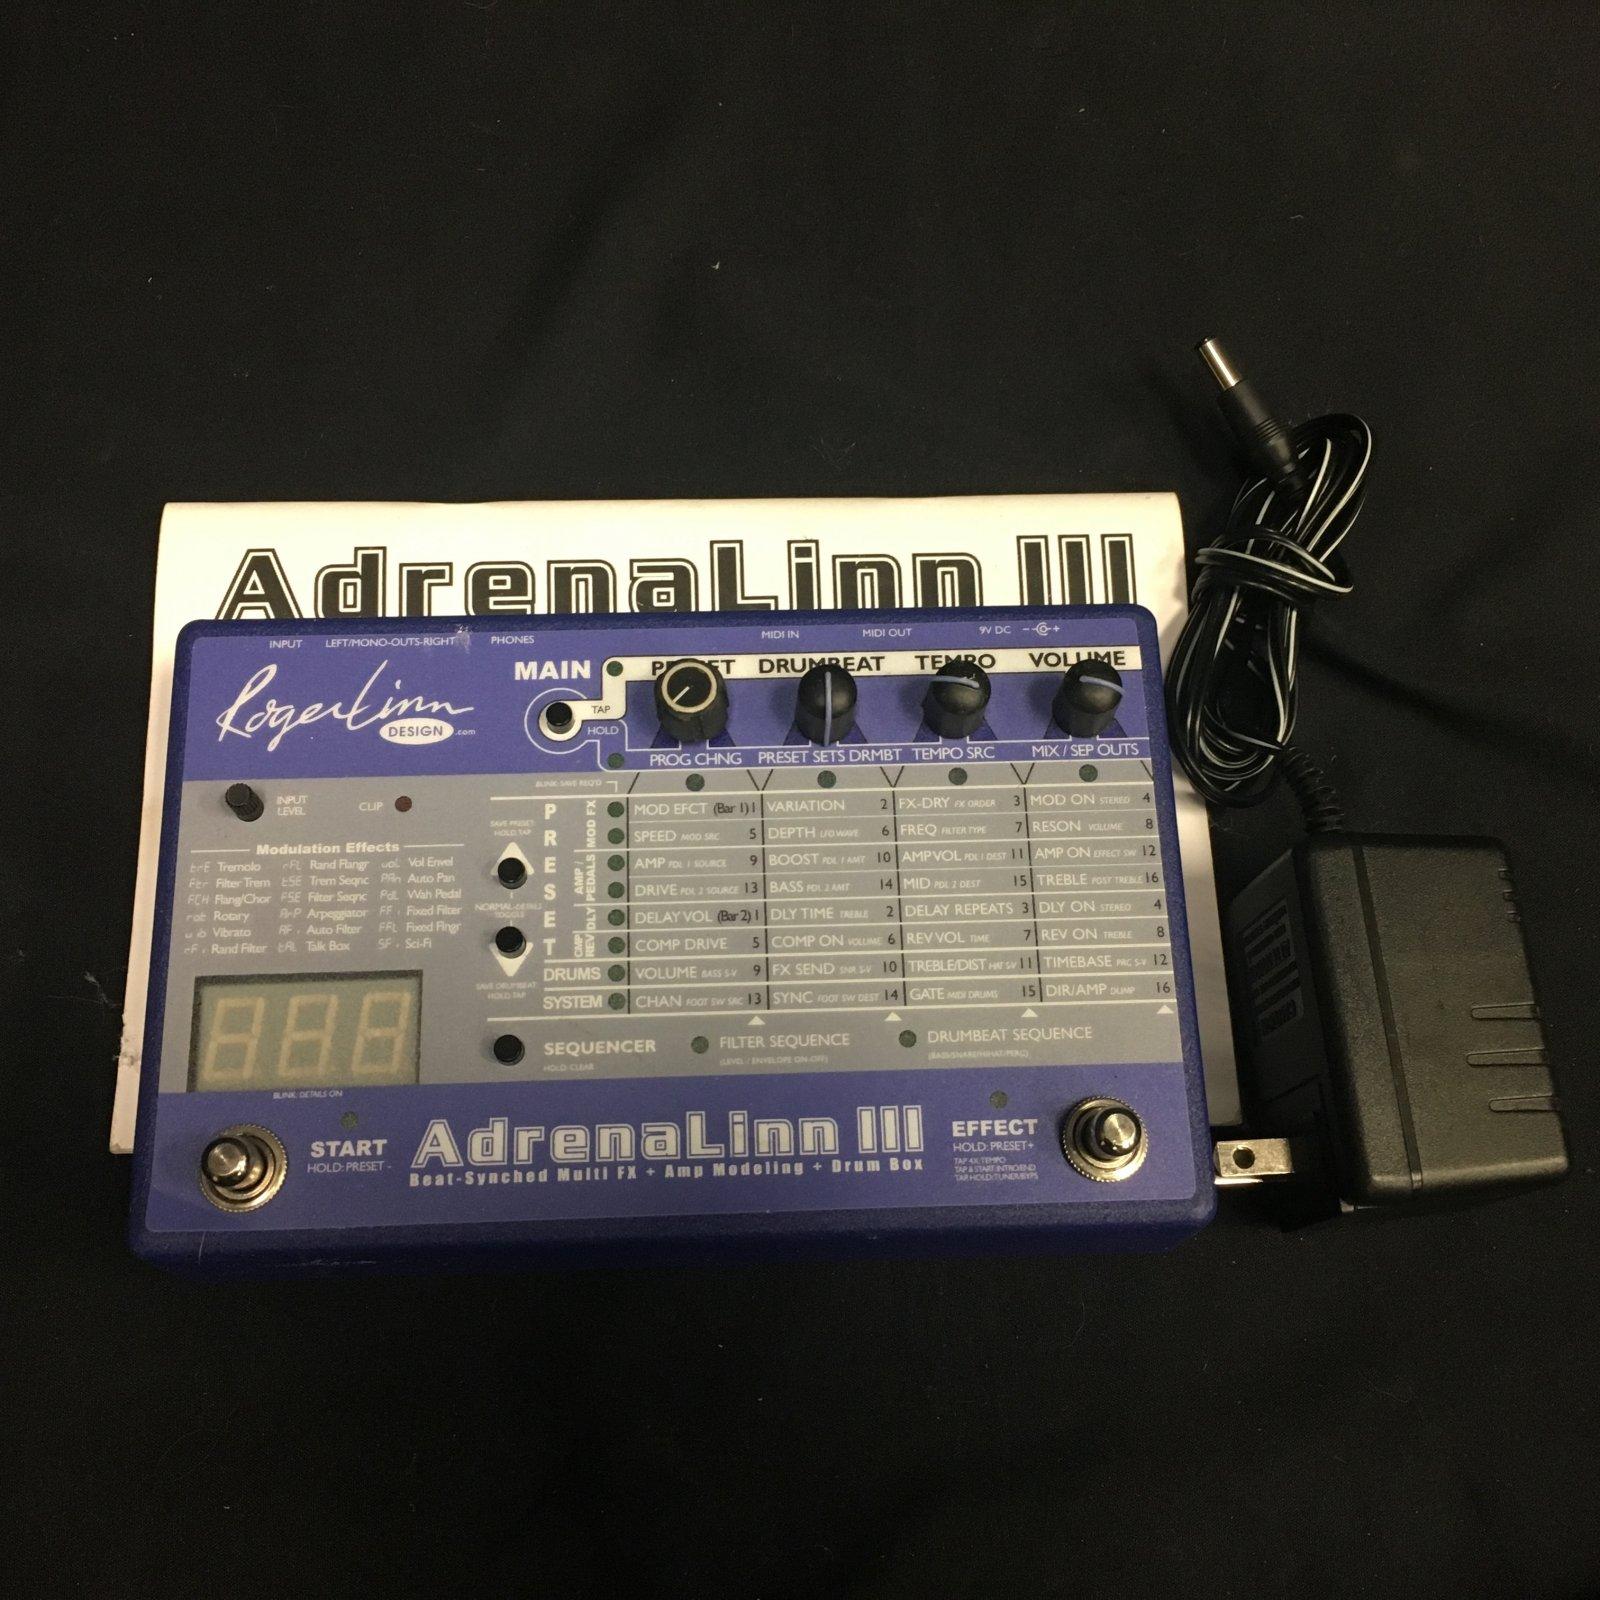 Used AdrenaLinn III